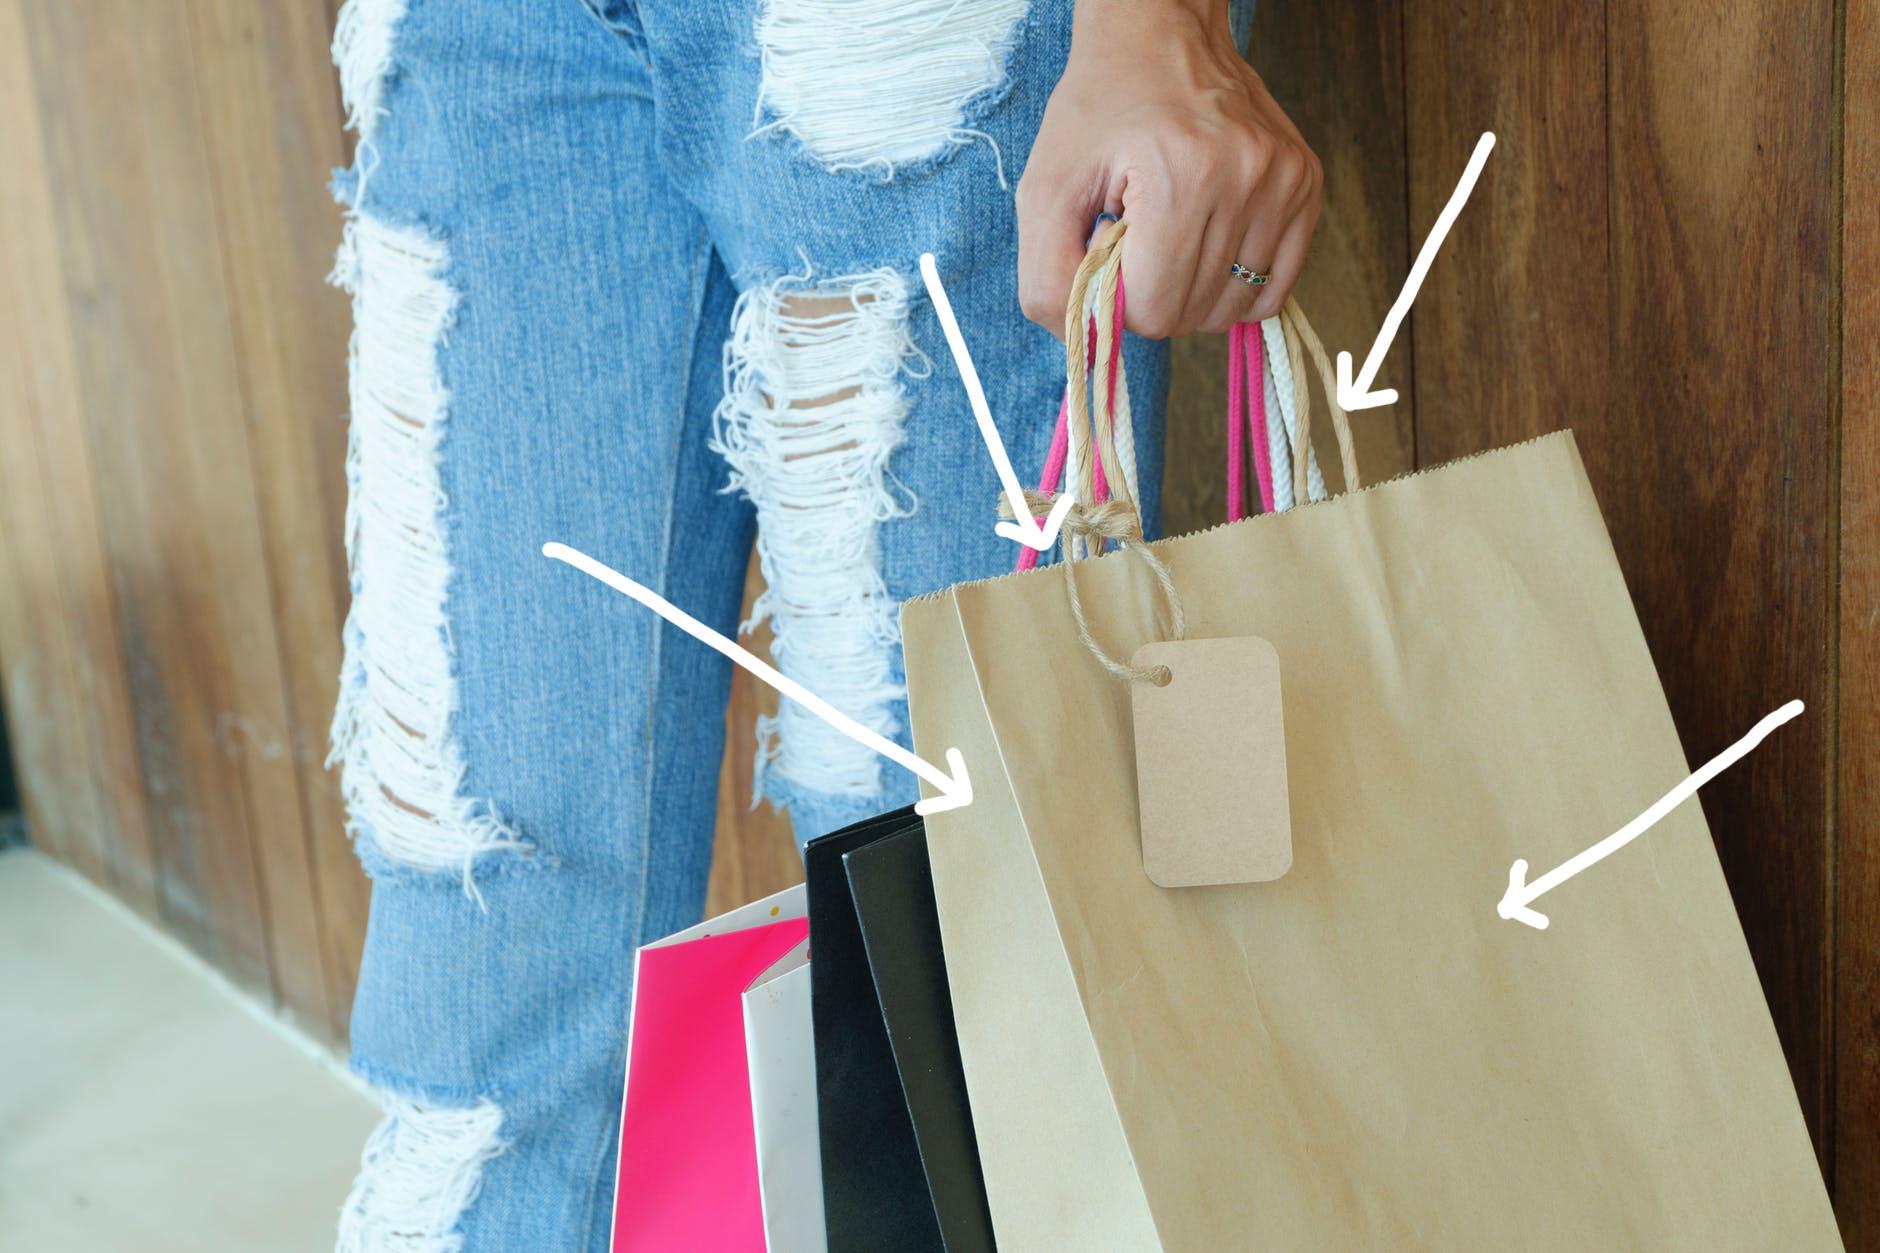 【新人ブログ】紙袋パーツの名前と役割